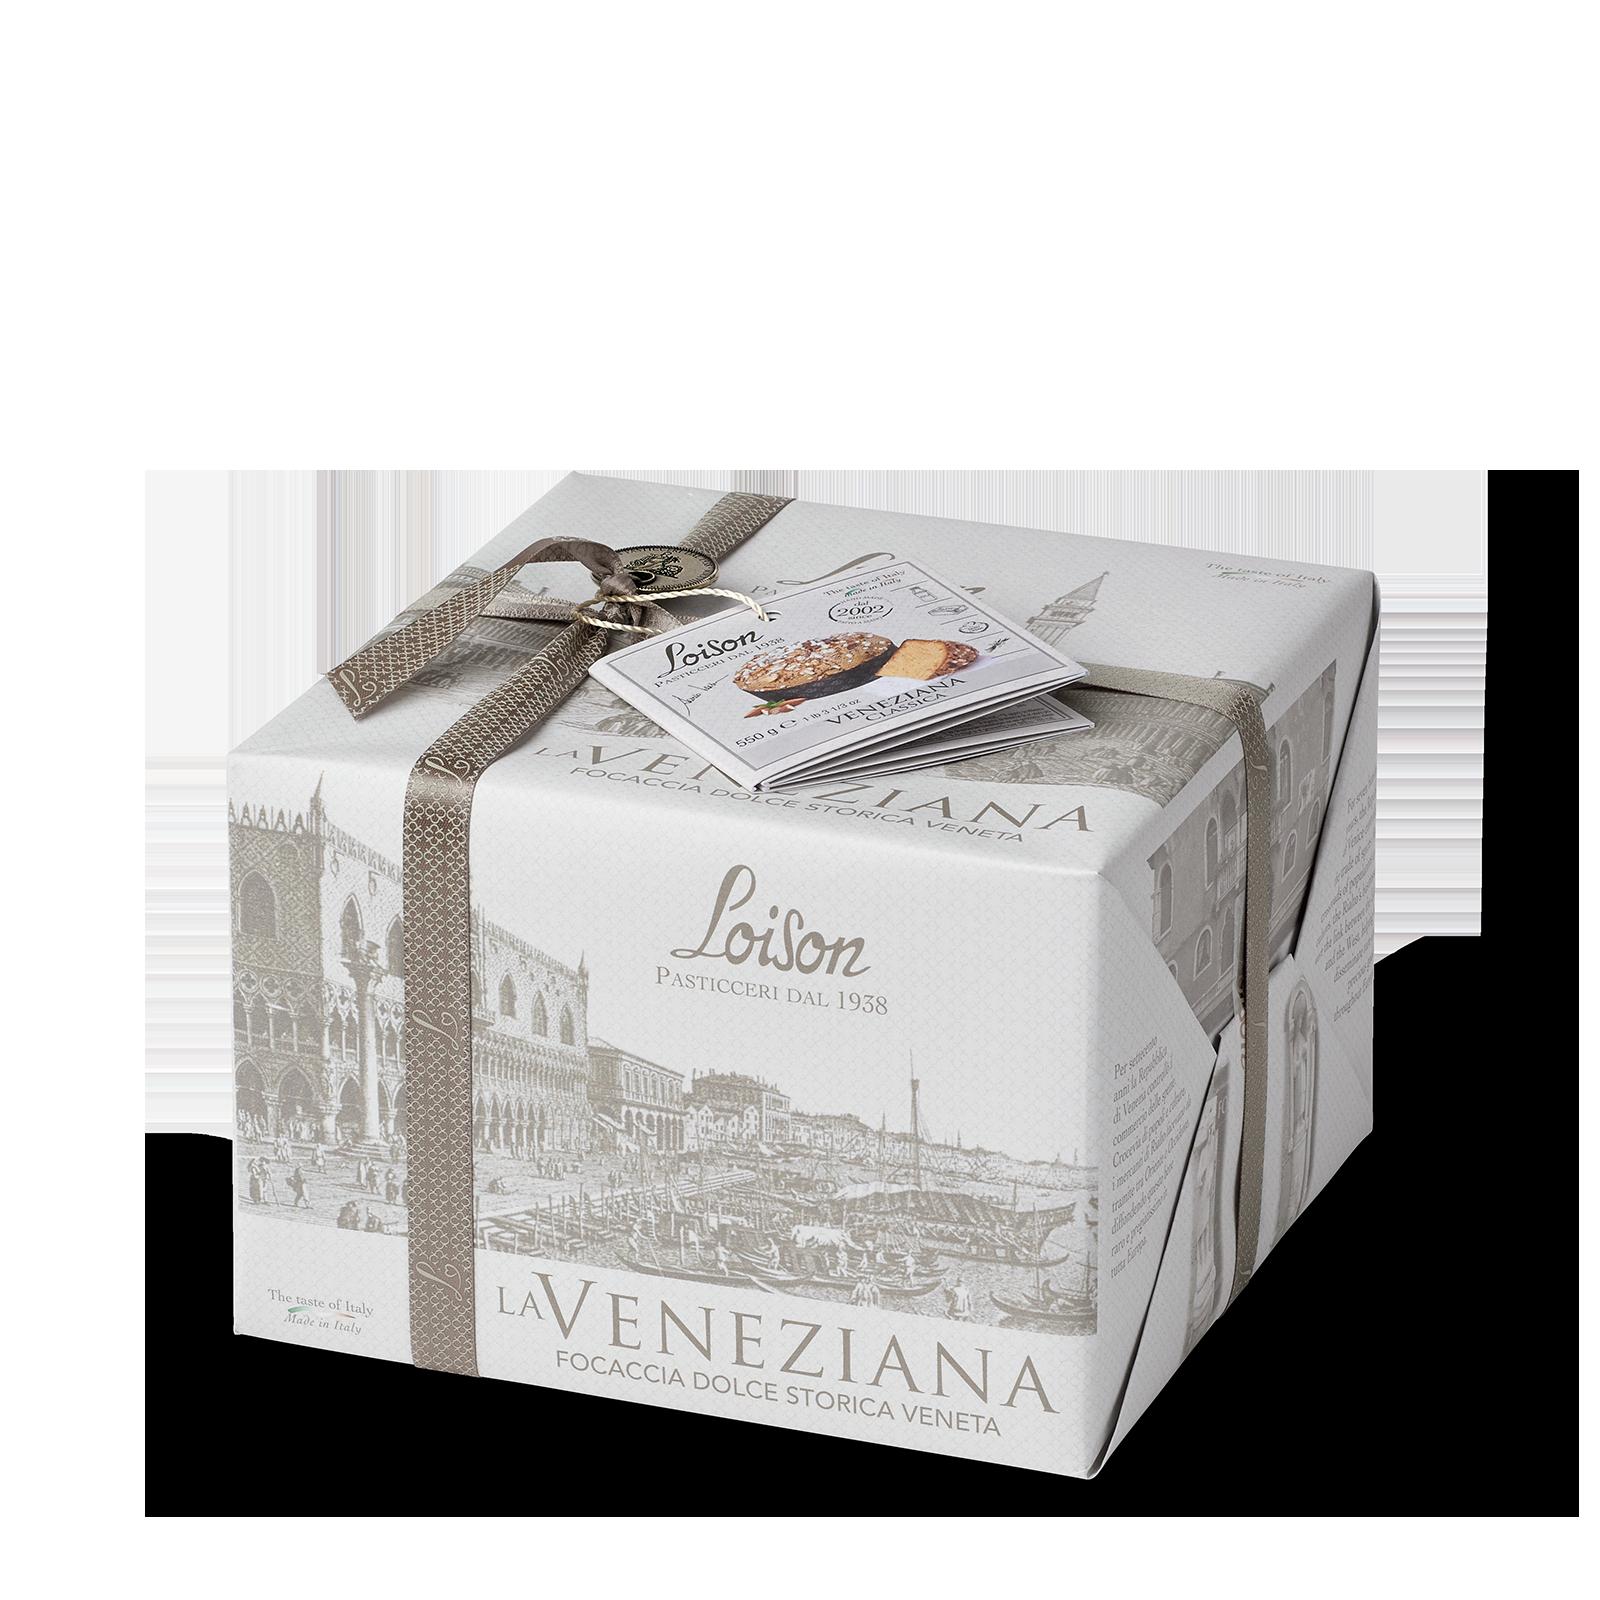 Veneziana focaccia dolce della tradizione di Venezia